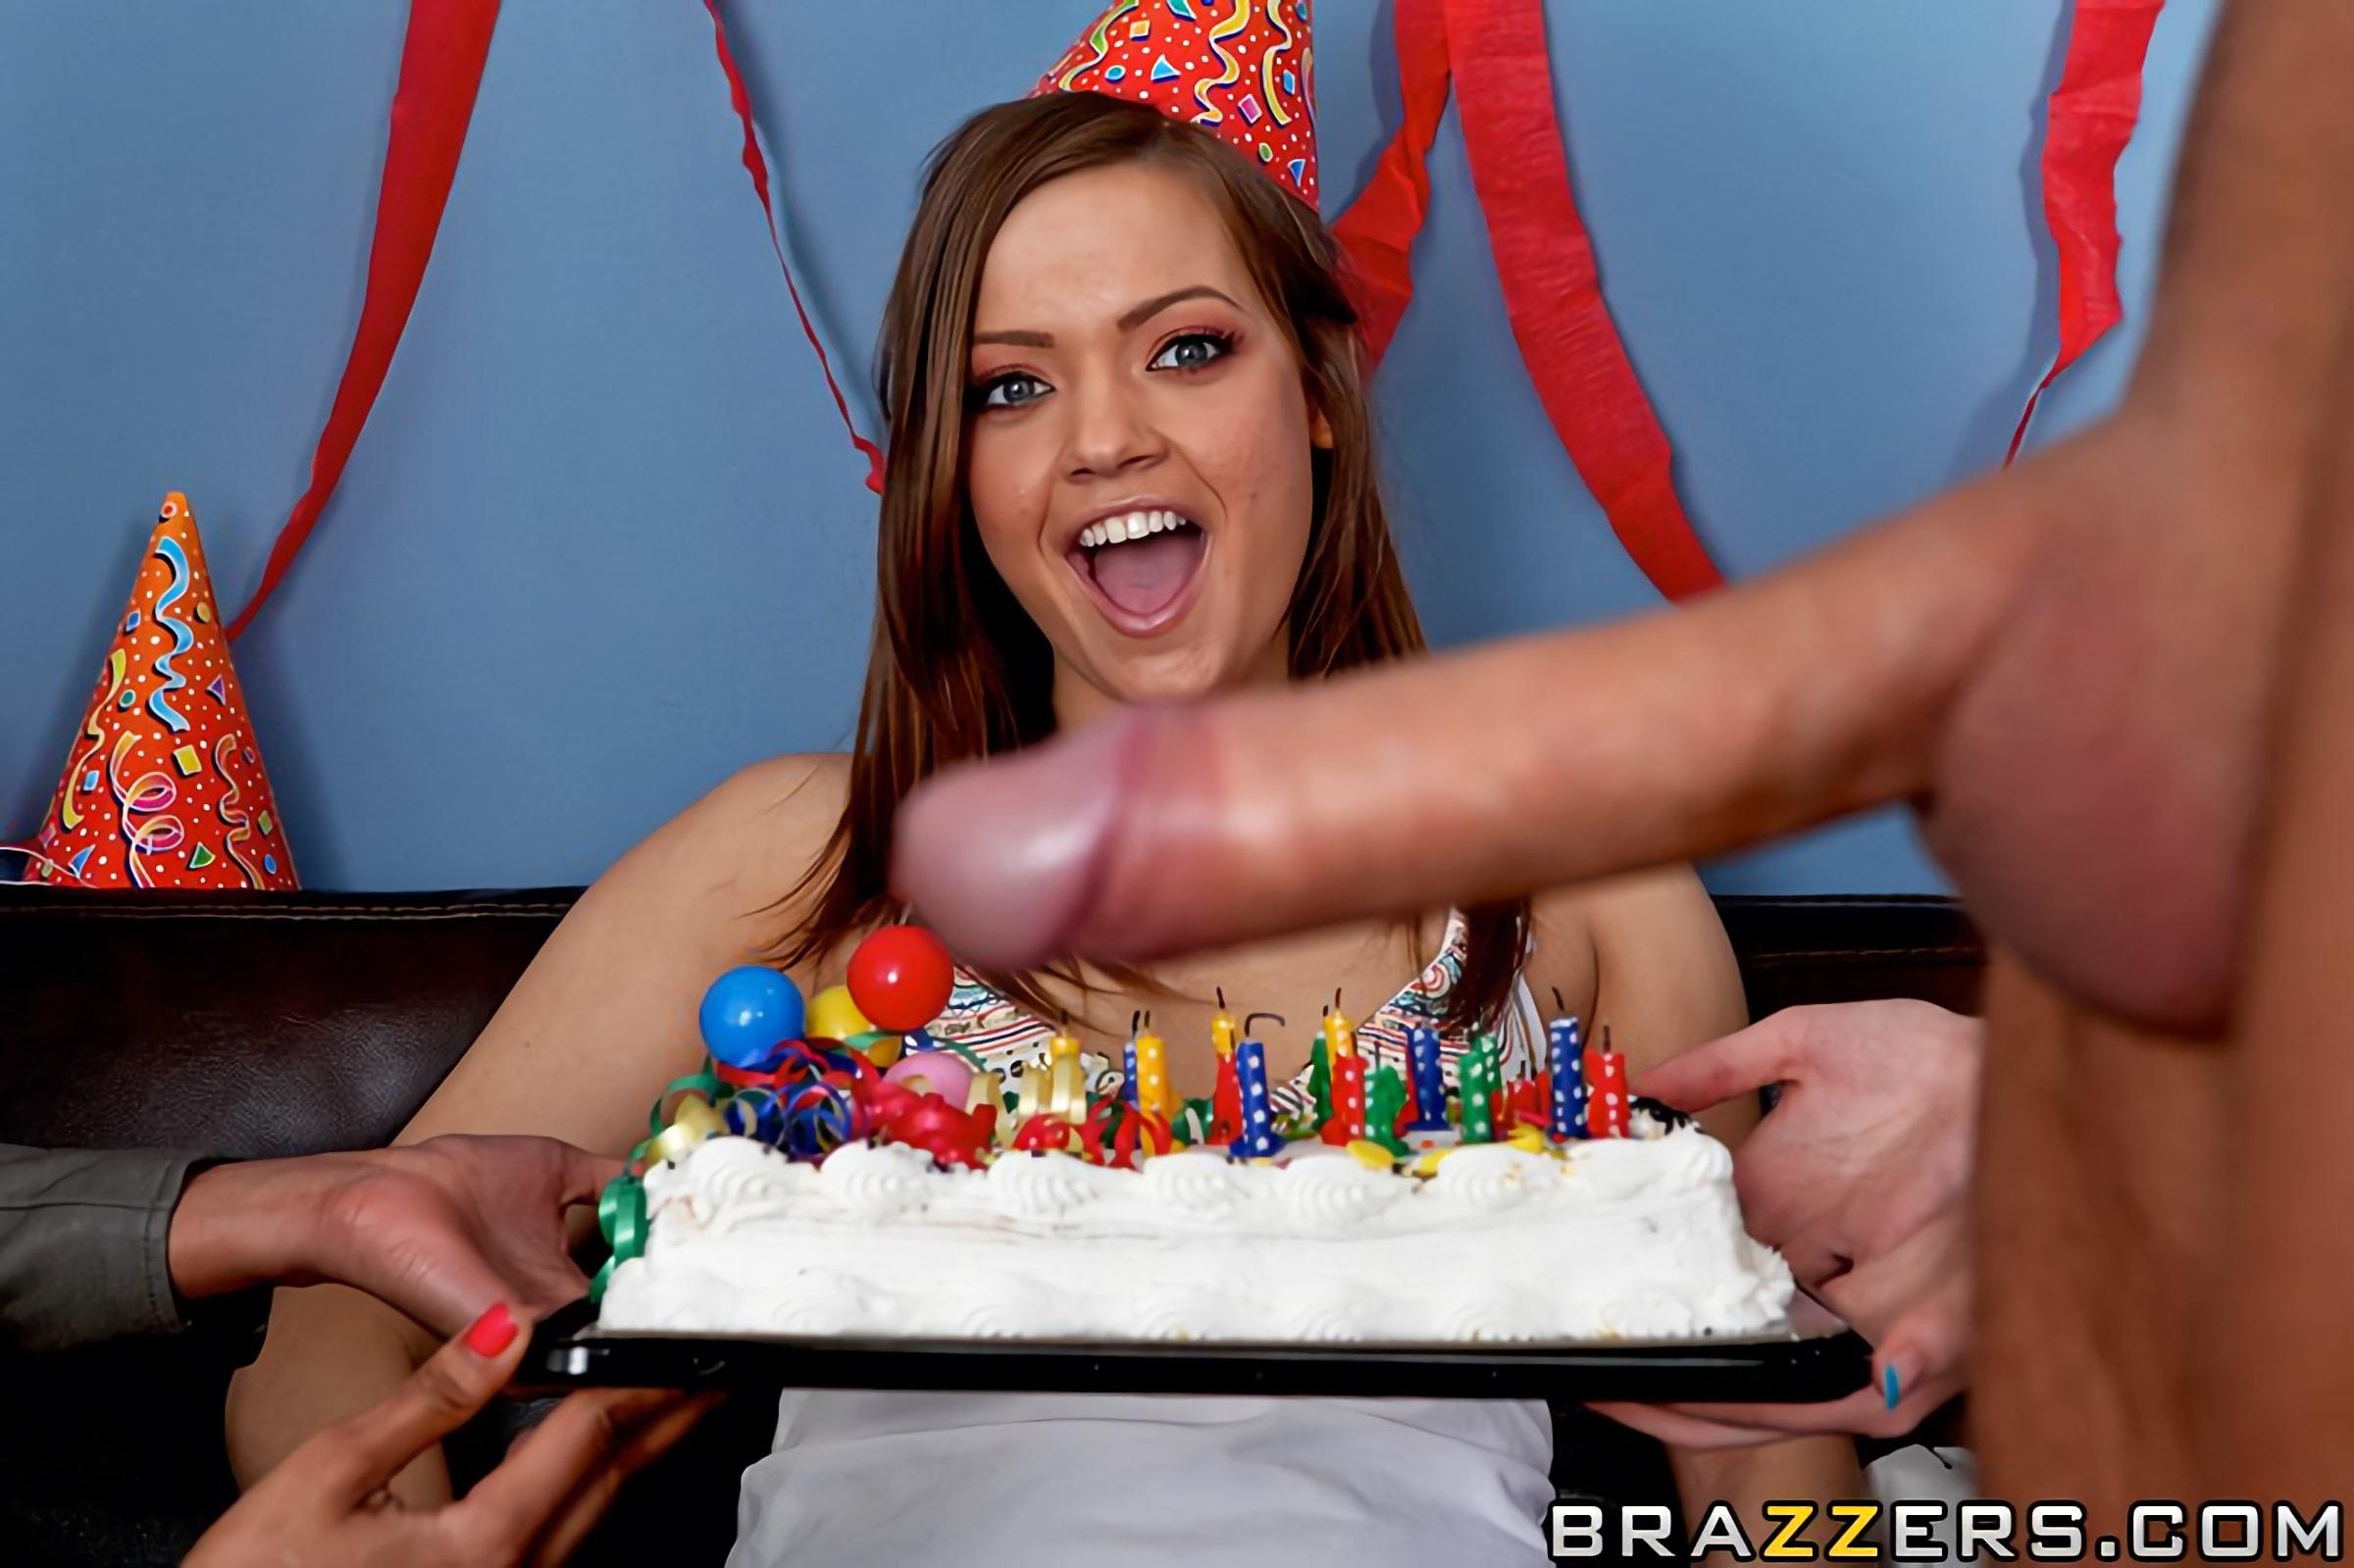 группа людей поздравила девушку с днем рождения порно женщины